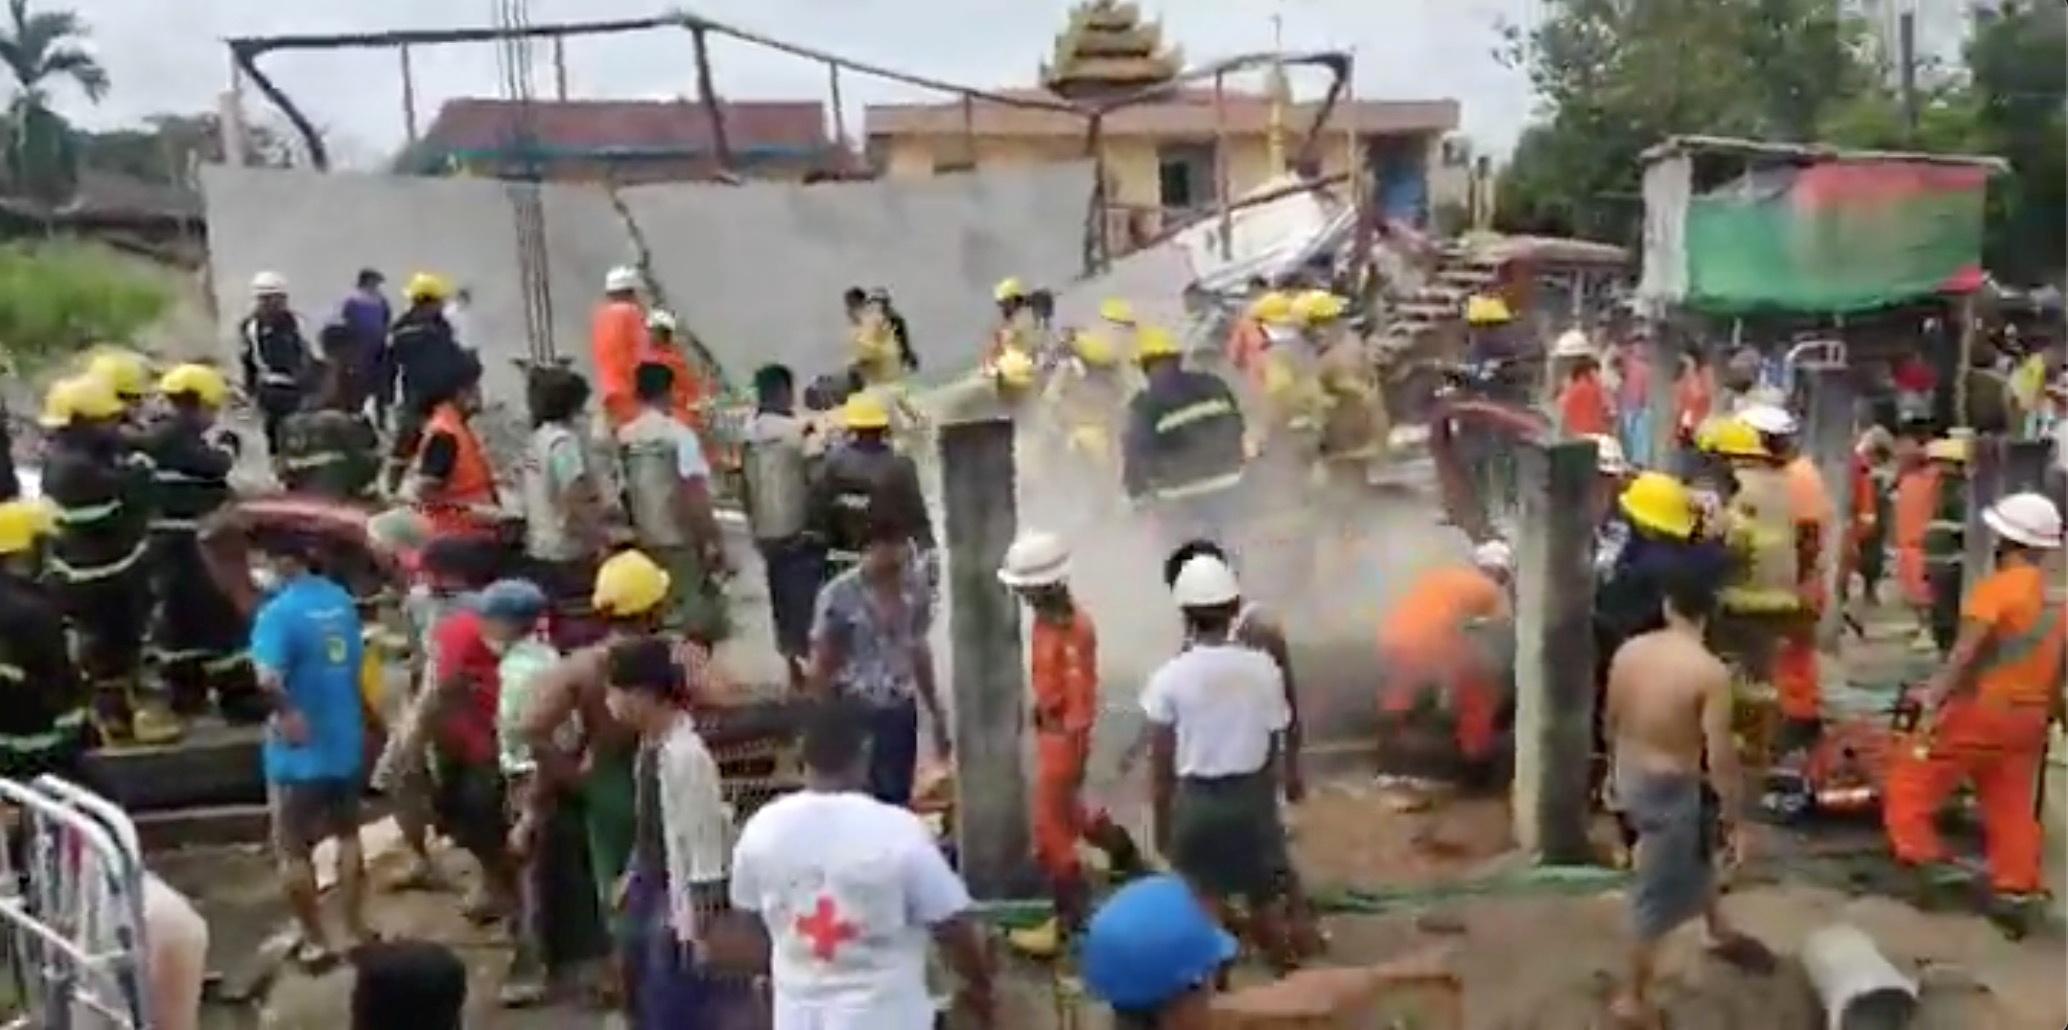 Kebakaran Gedung Di Yangon-Myanmar Menewaskan 1 Orang Pekerja Konstruksi Bangunan